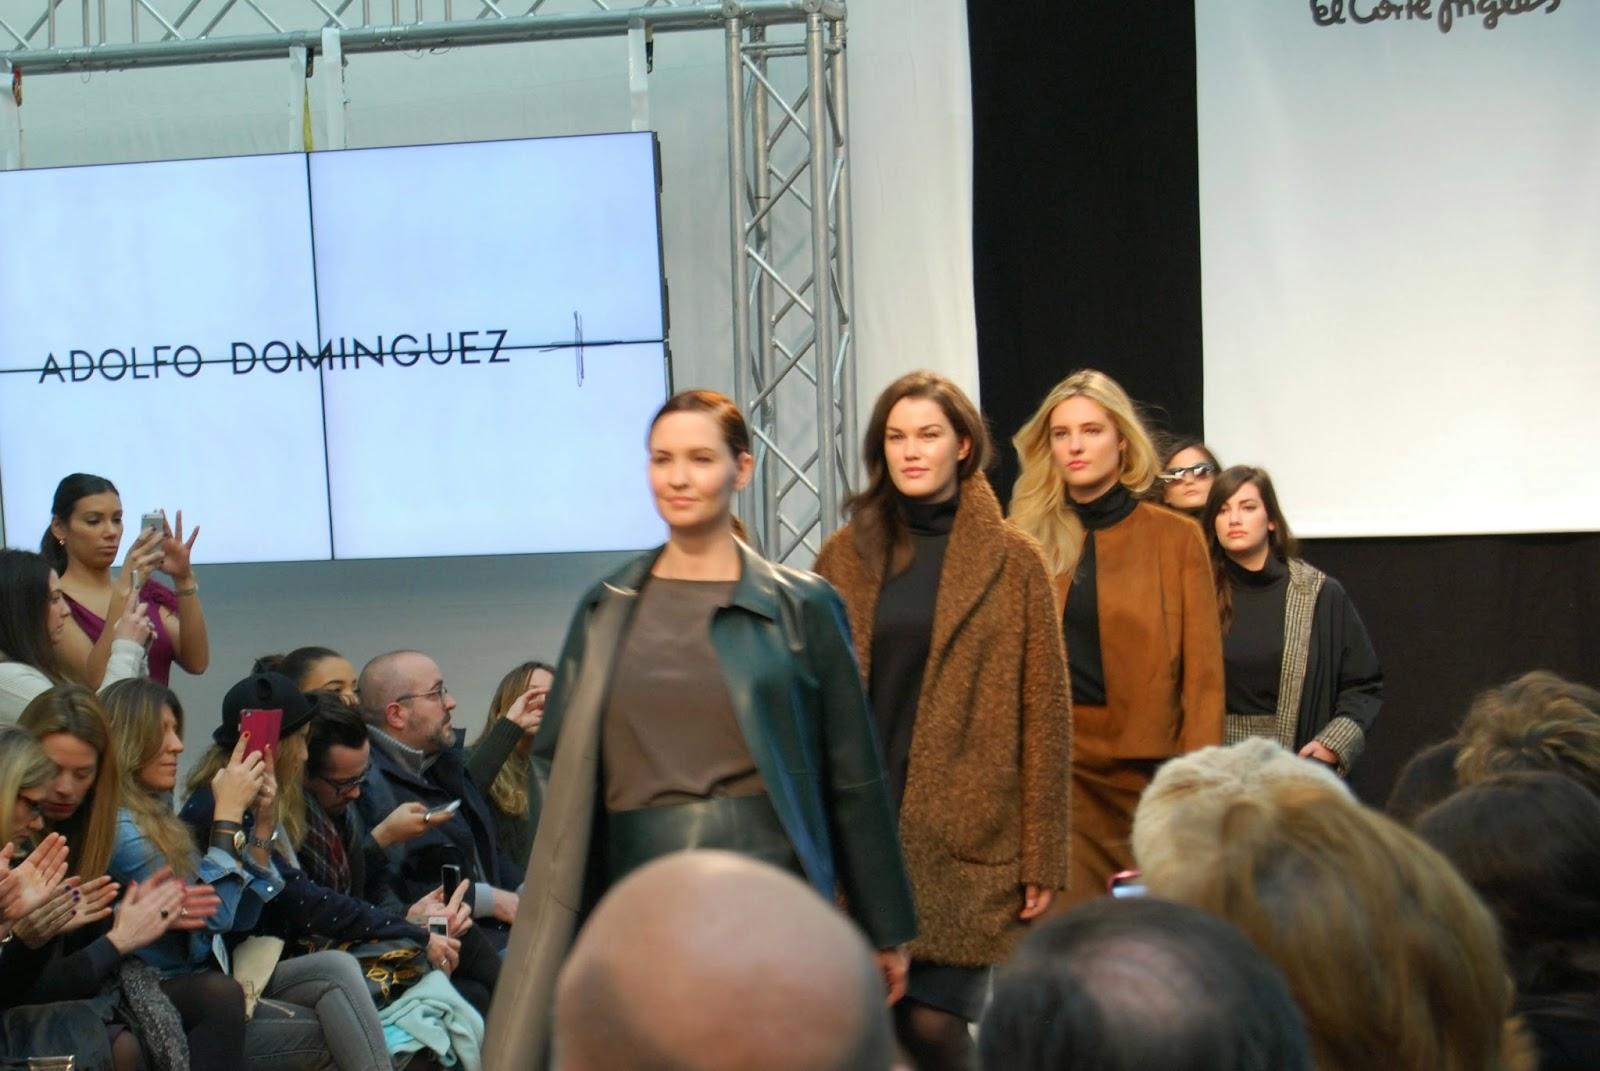 http://sosunnyblog.blogspot.com.es/2015/02/mfshow-la-belleza-mas-alla-de-una-38.html